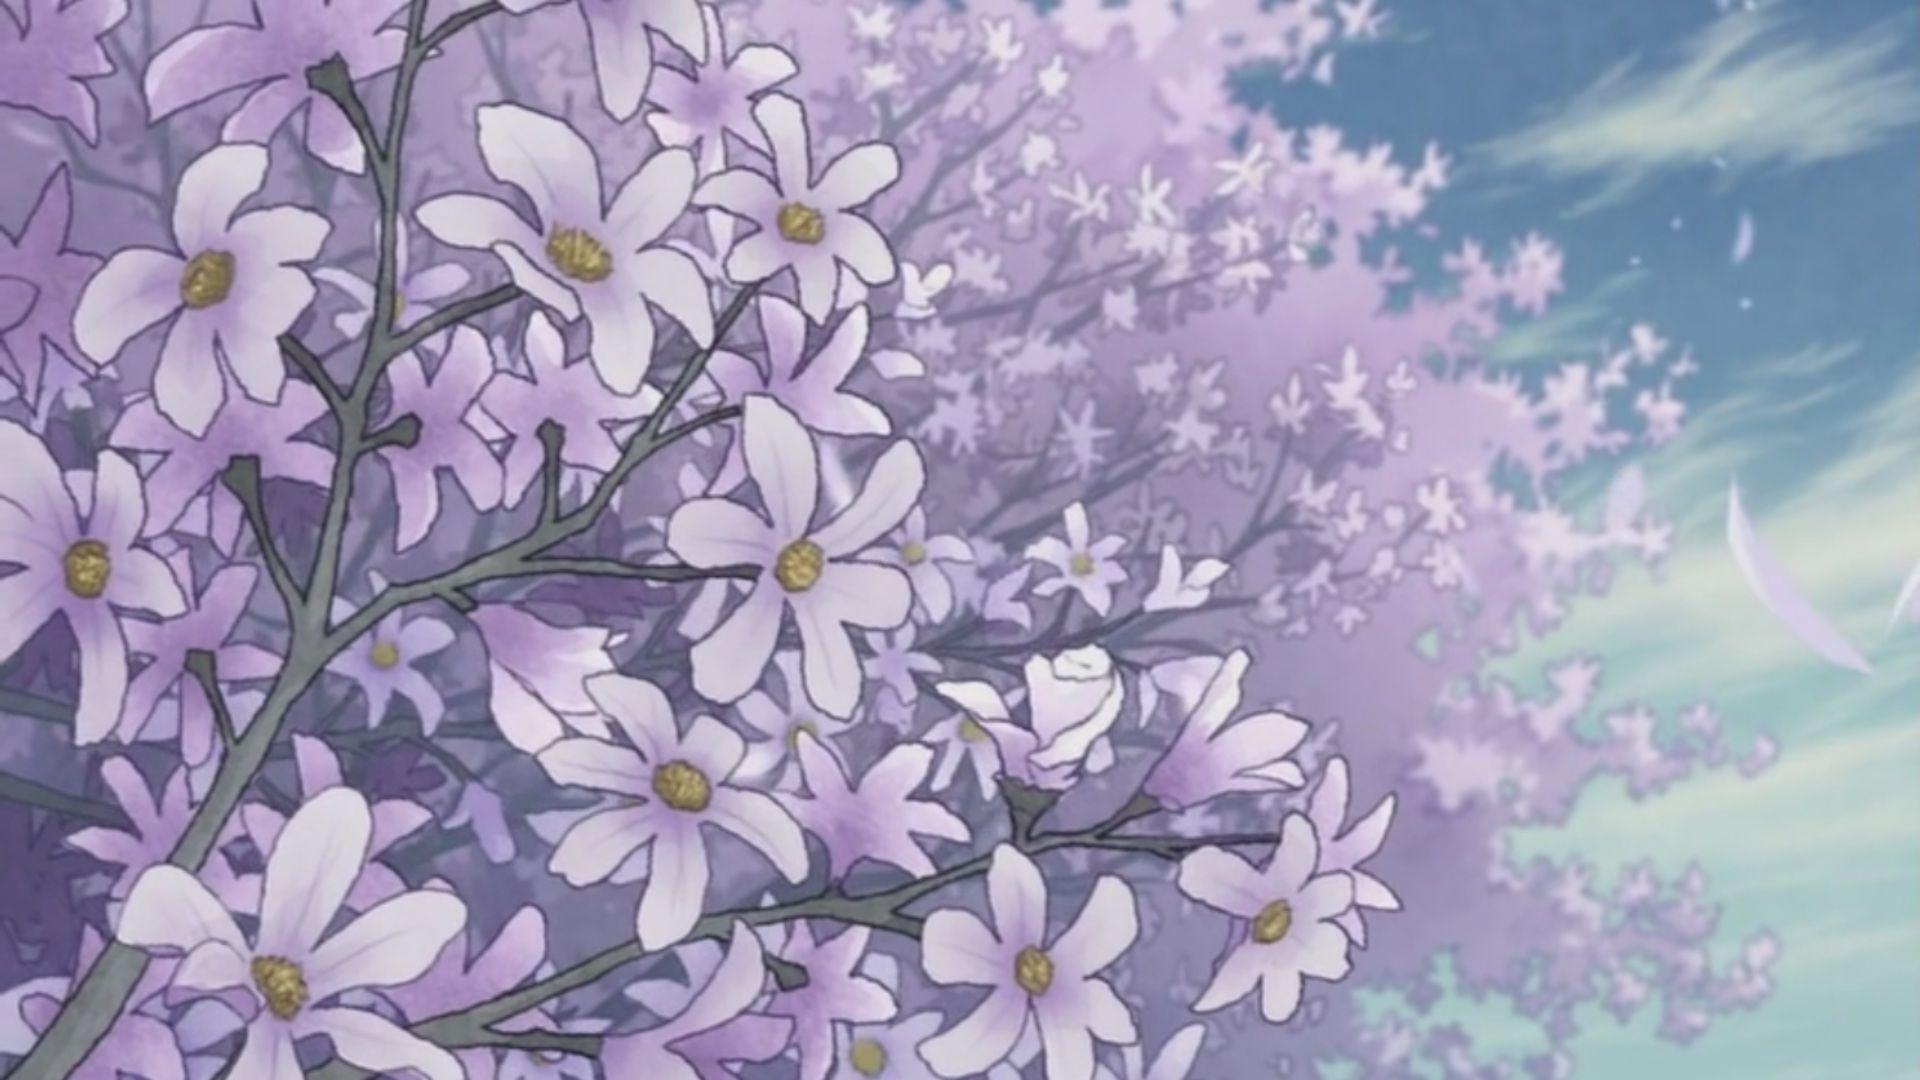 Anime Scenery Wallpaper 1920×1080 66651 Wallpaper Anime